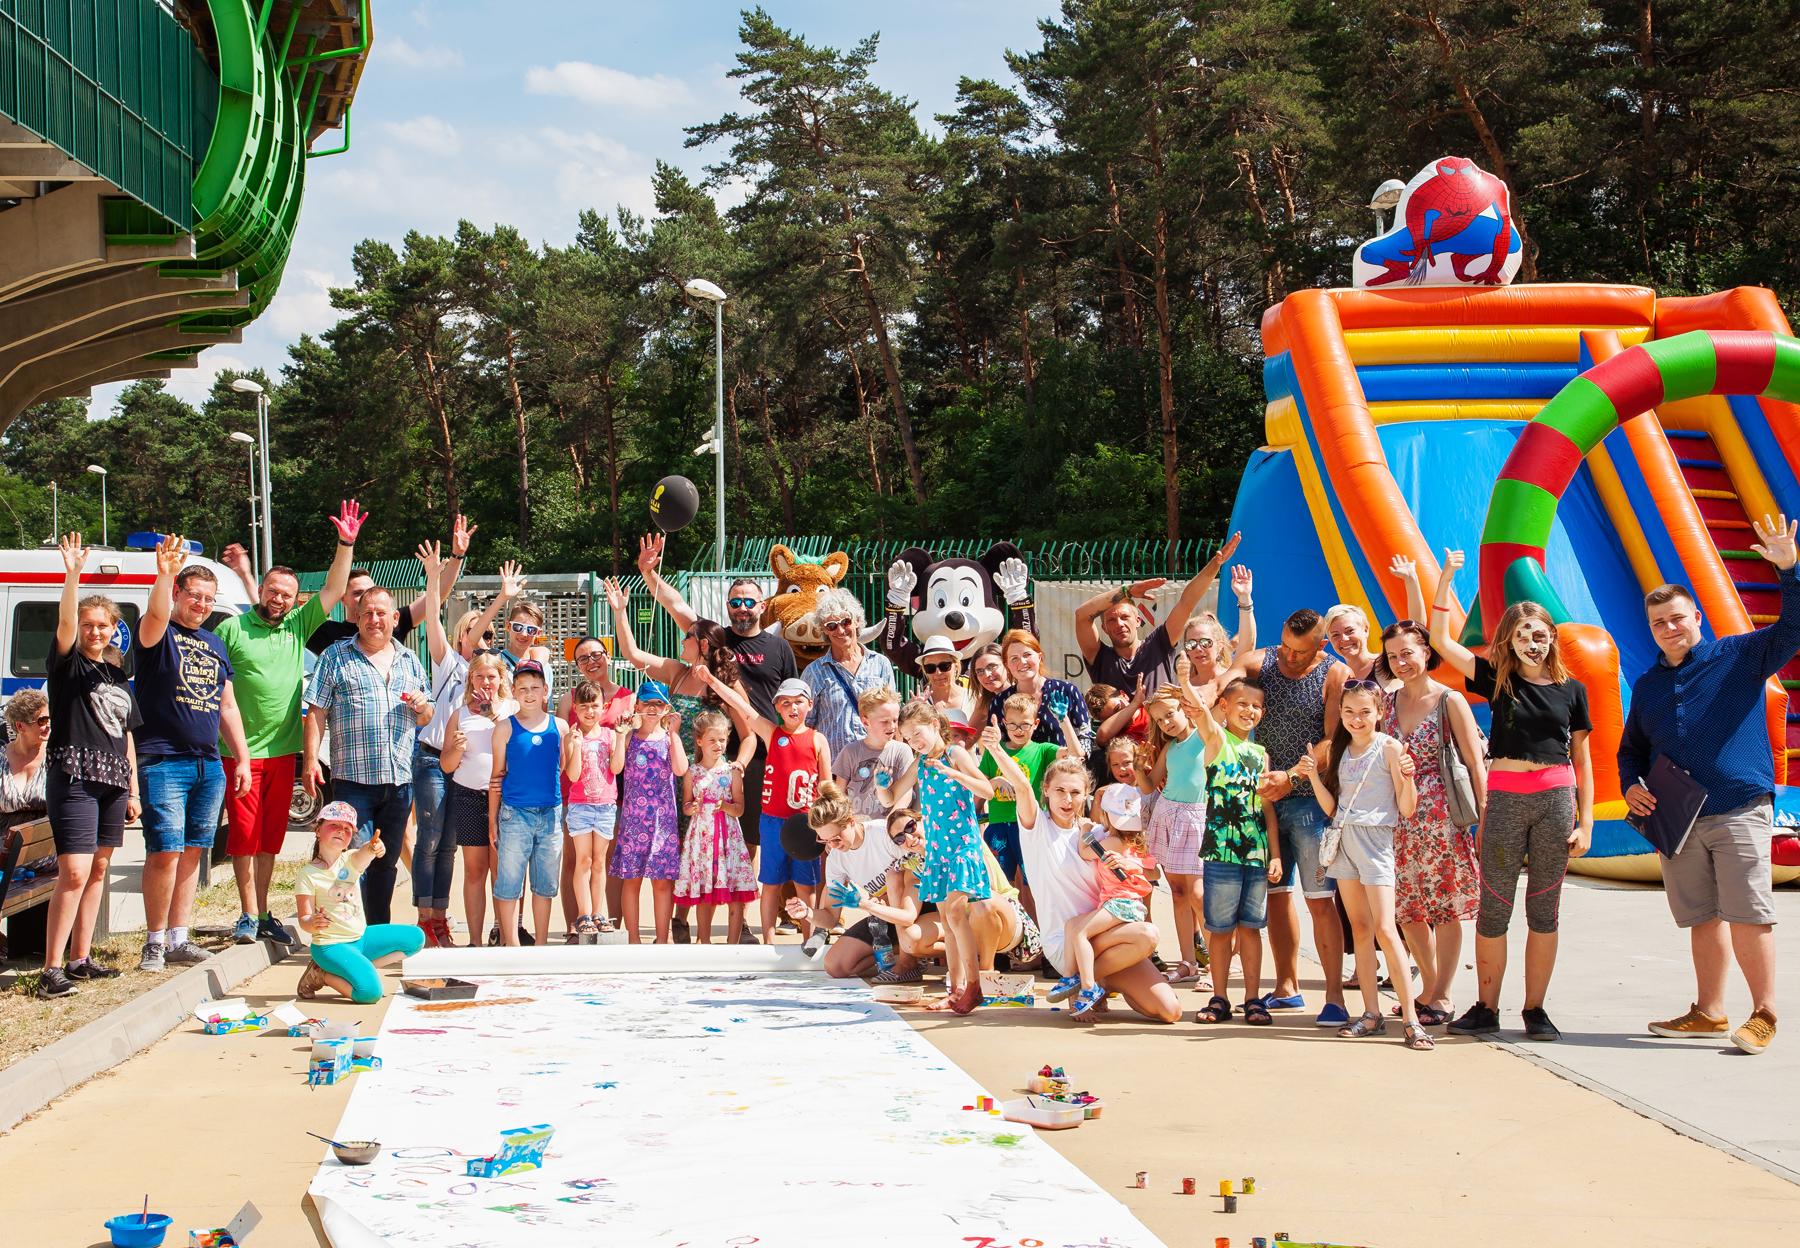 Rekord Guinessa na największa malowankę świata